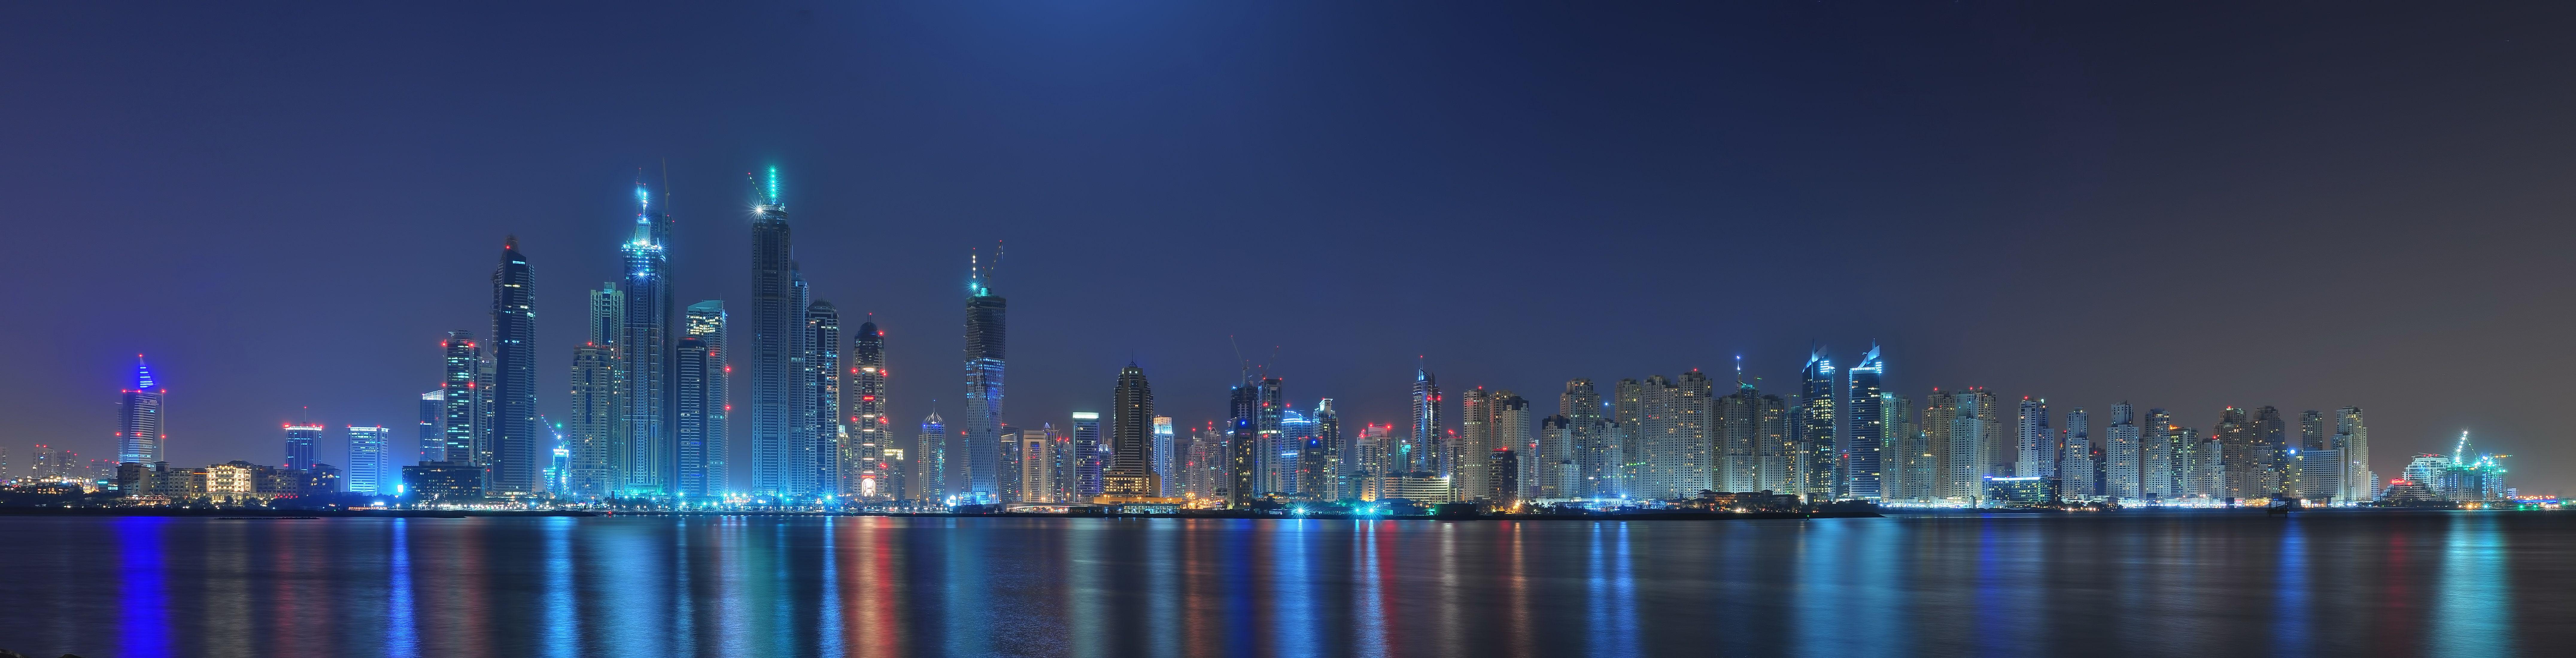 Download Wallpaper Mac Dubai - 0346642e723d6ba7b5db000ee21aefae  Collection_231071.jpg